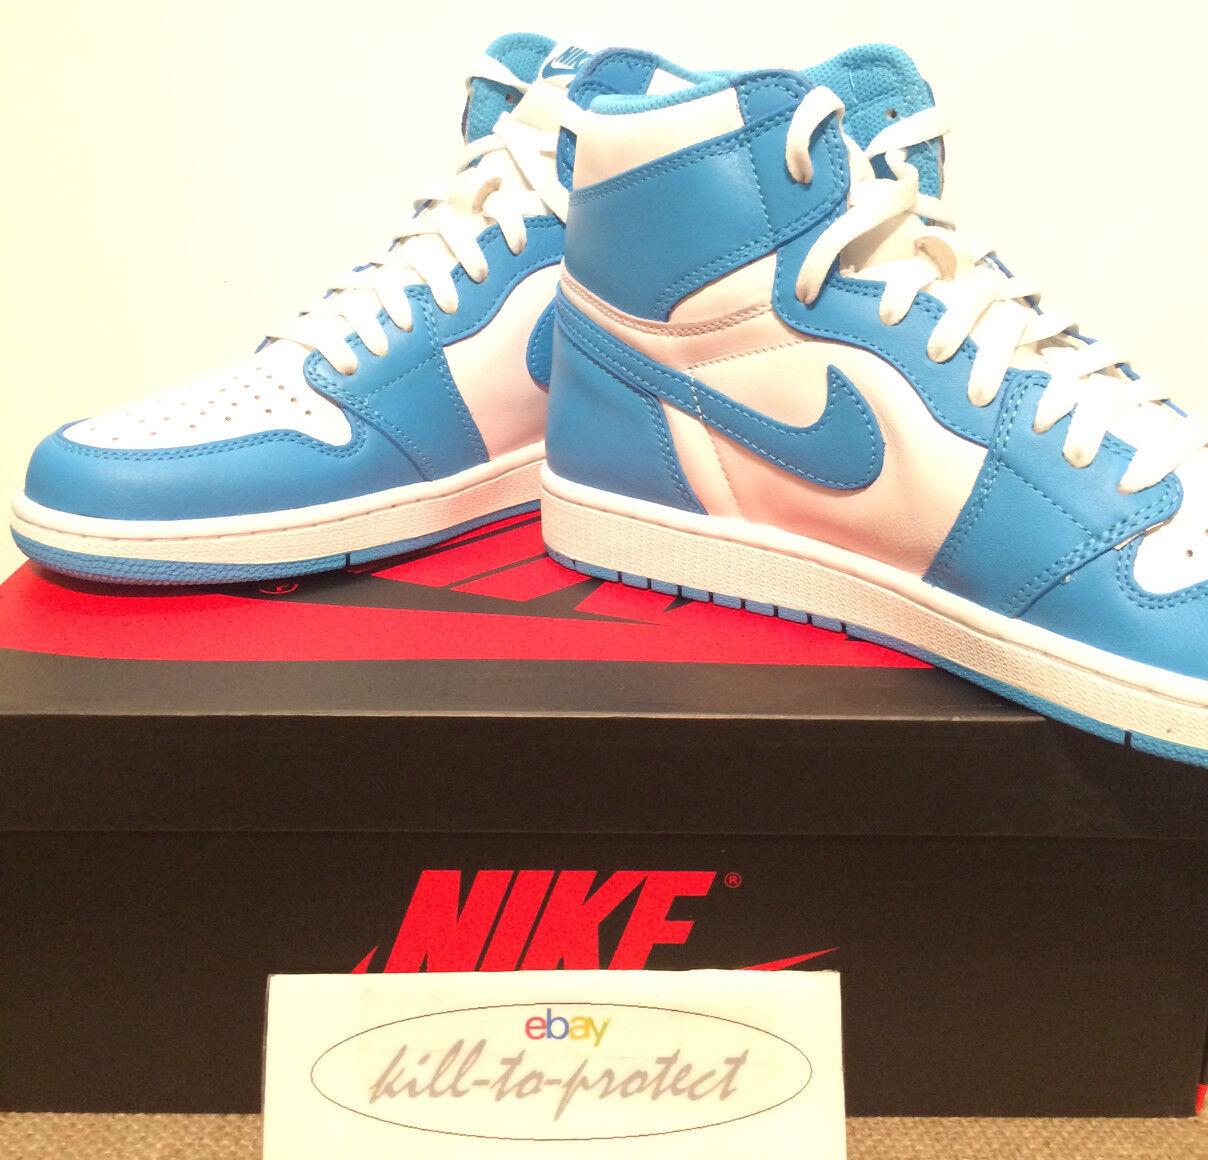 Nike air jordan 1 og UNC SZ qs nous bleu poudre 555088-117 qs SZ 2015 dbd384